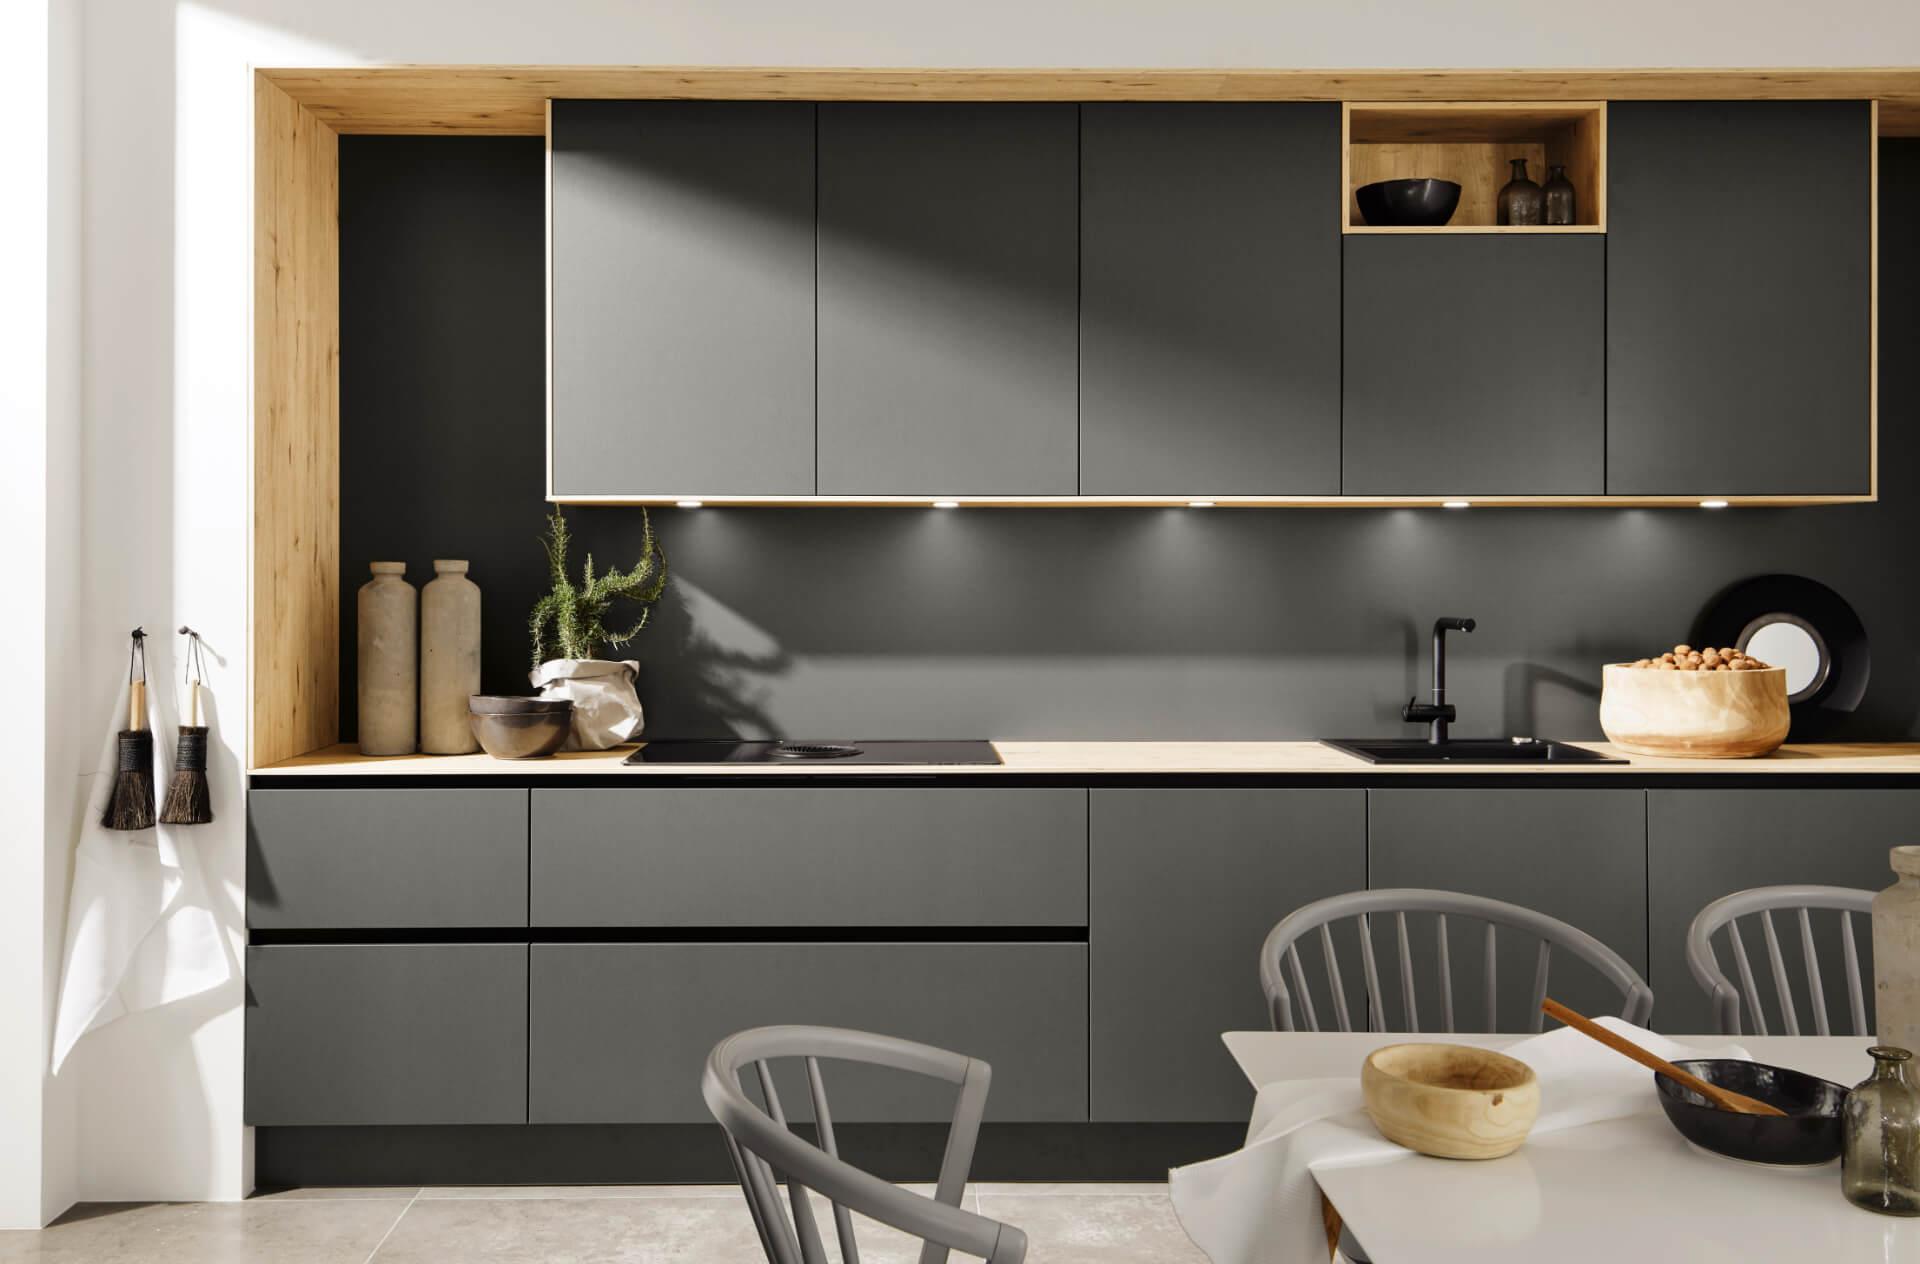 Nolte Tavola Grey Kitchen